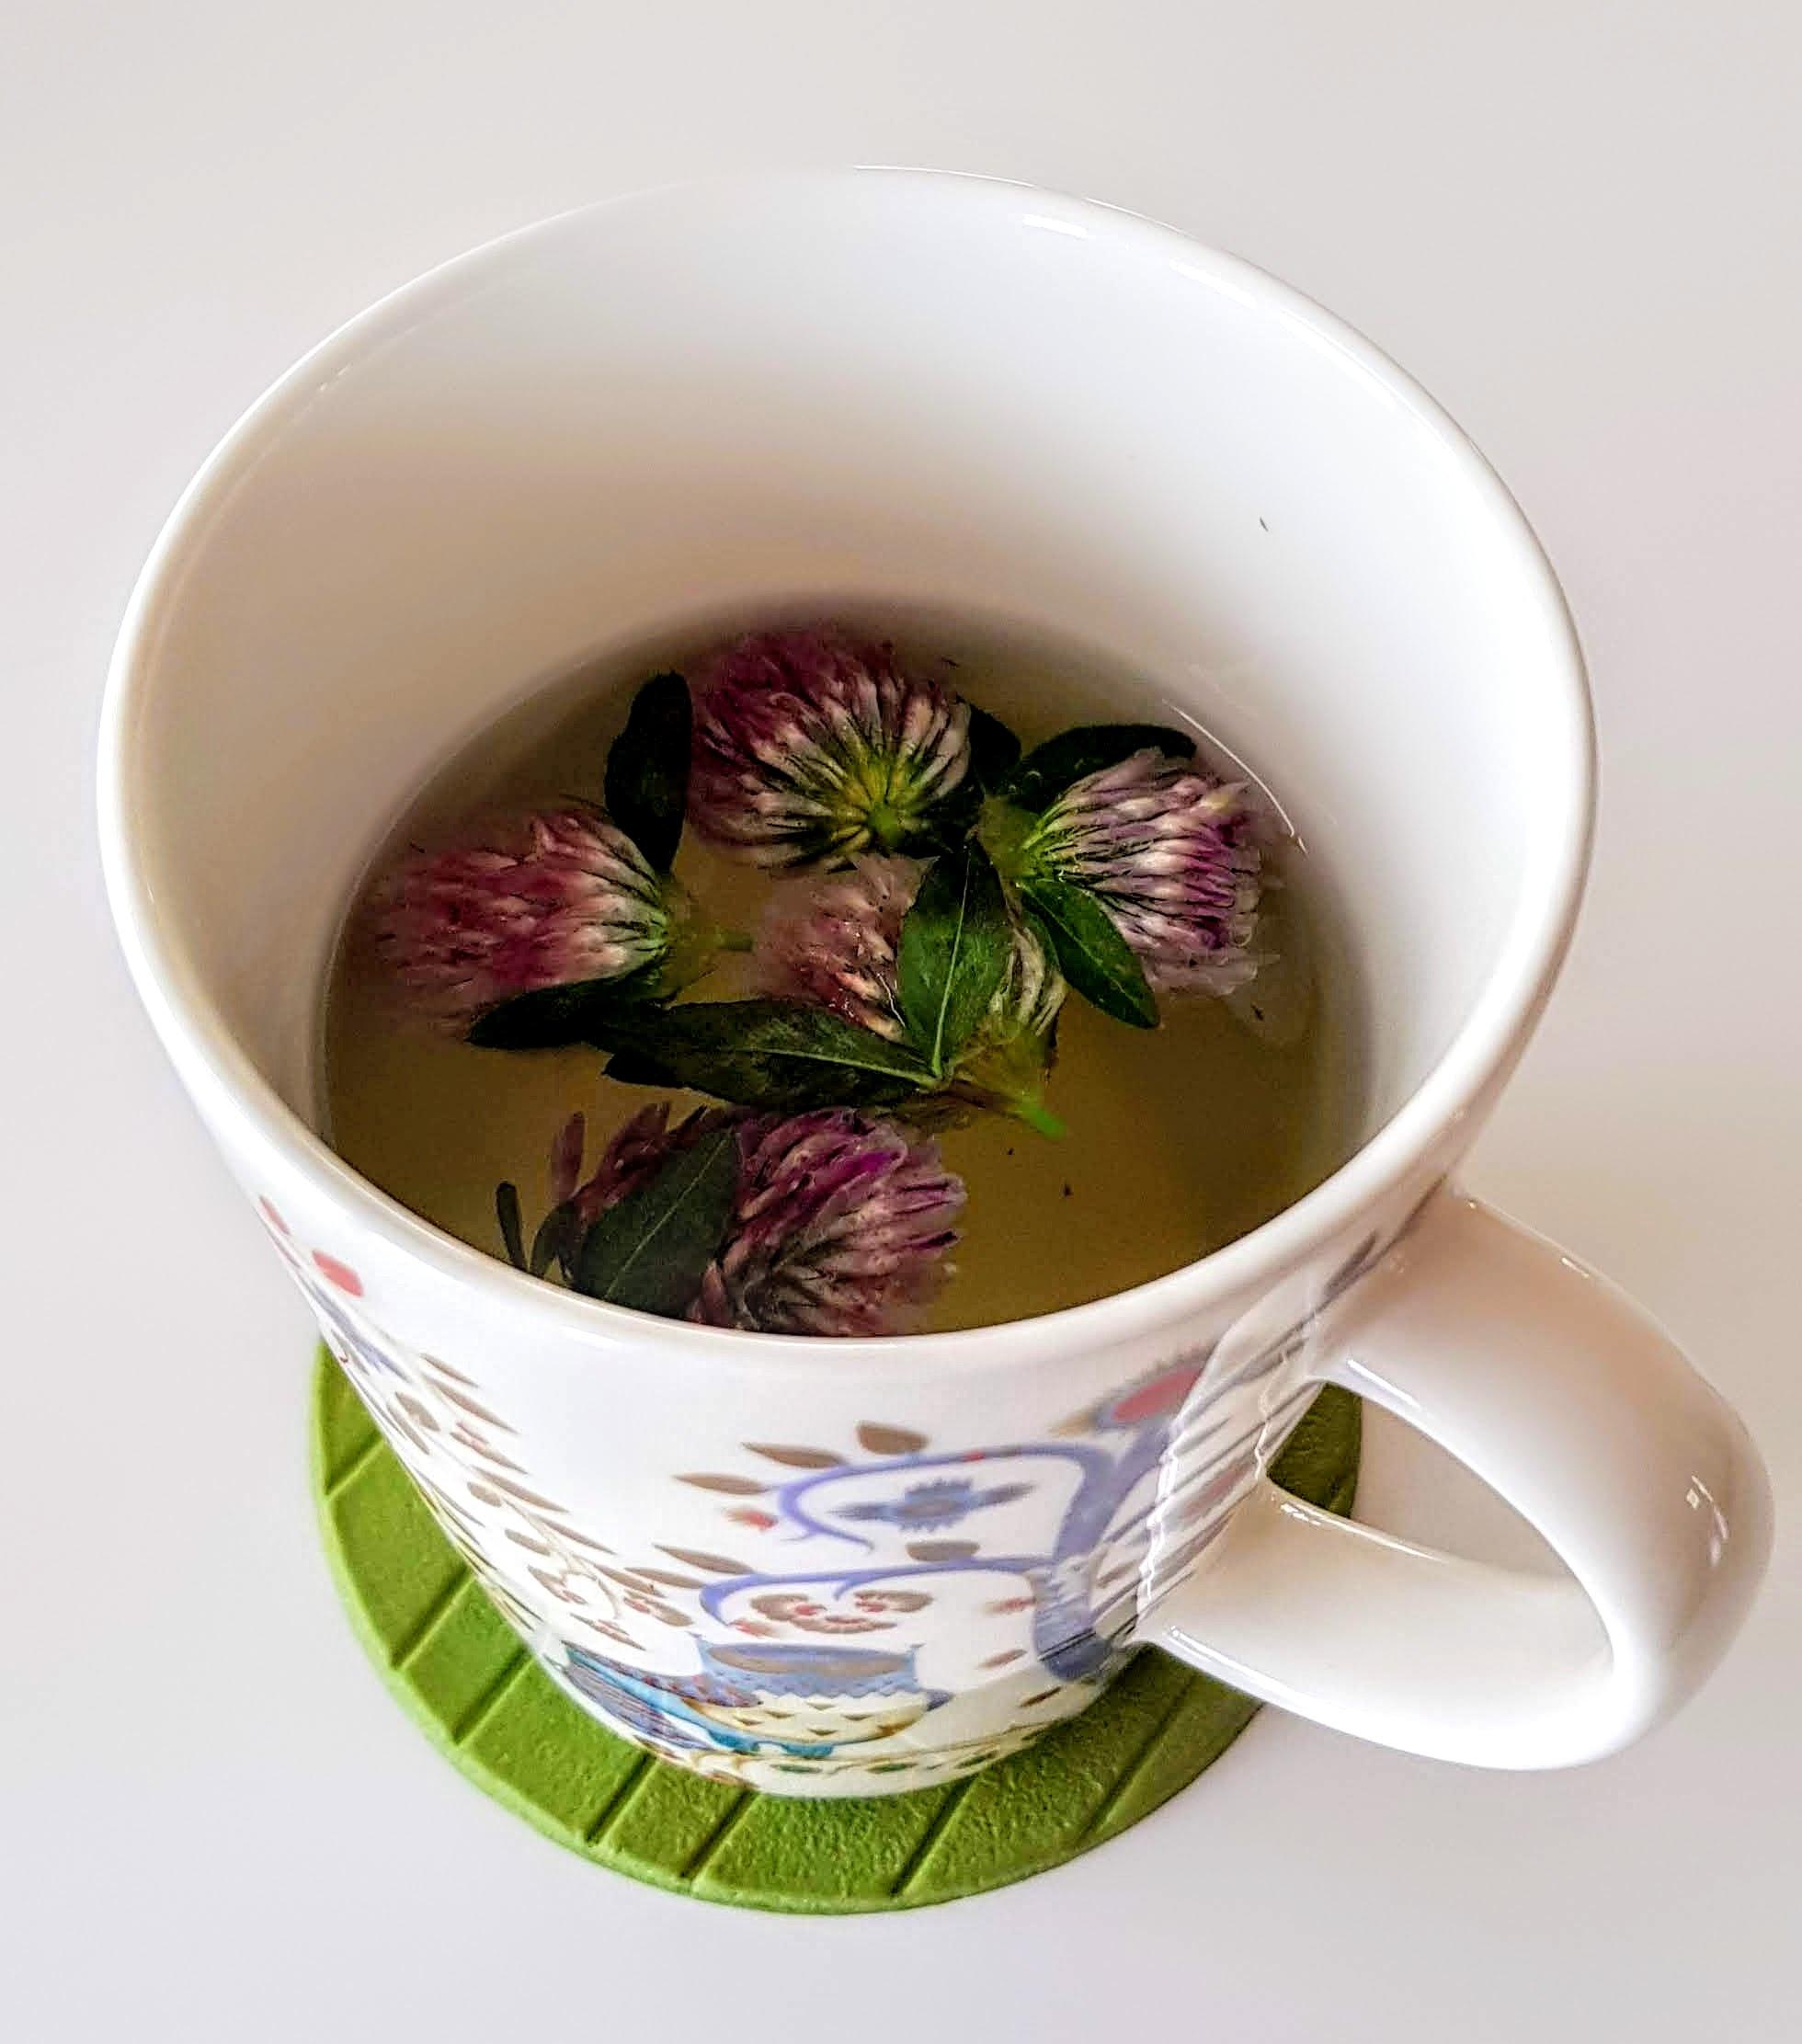 Te gjort på nyplockad rödklöver <3